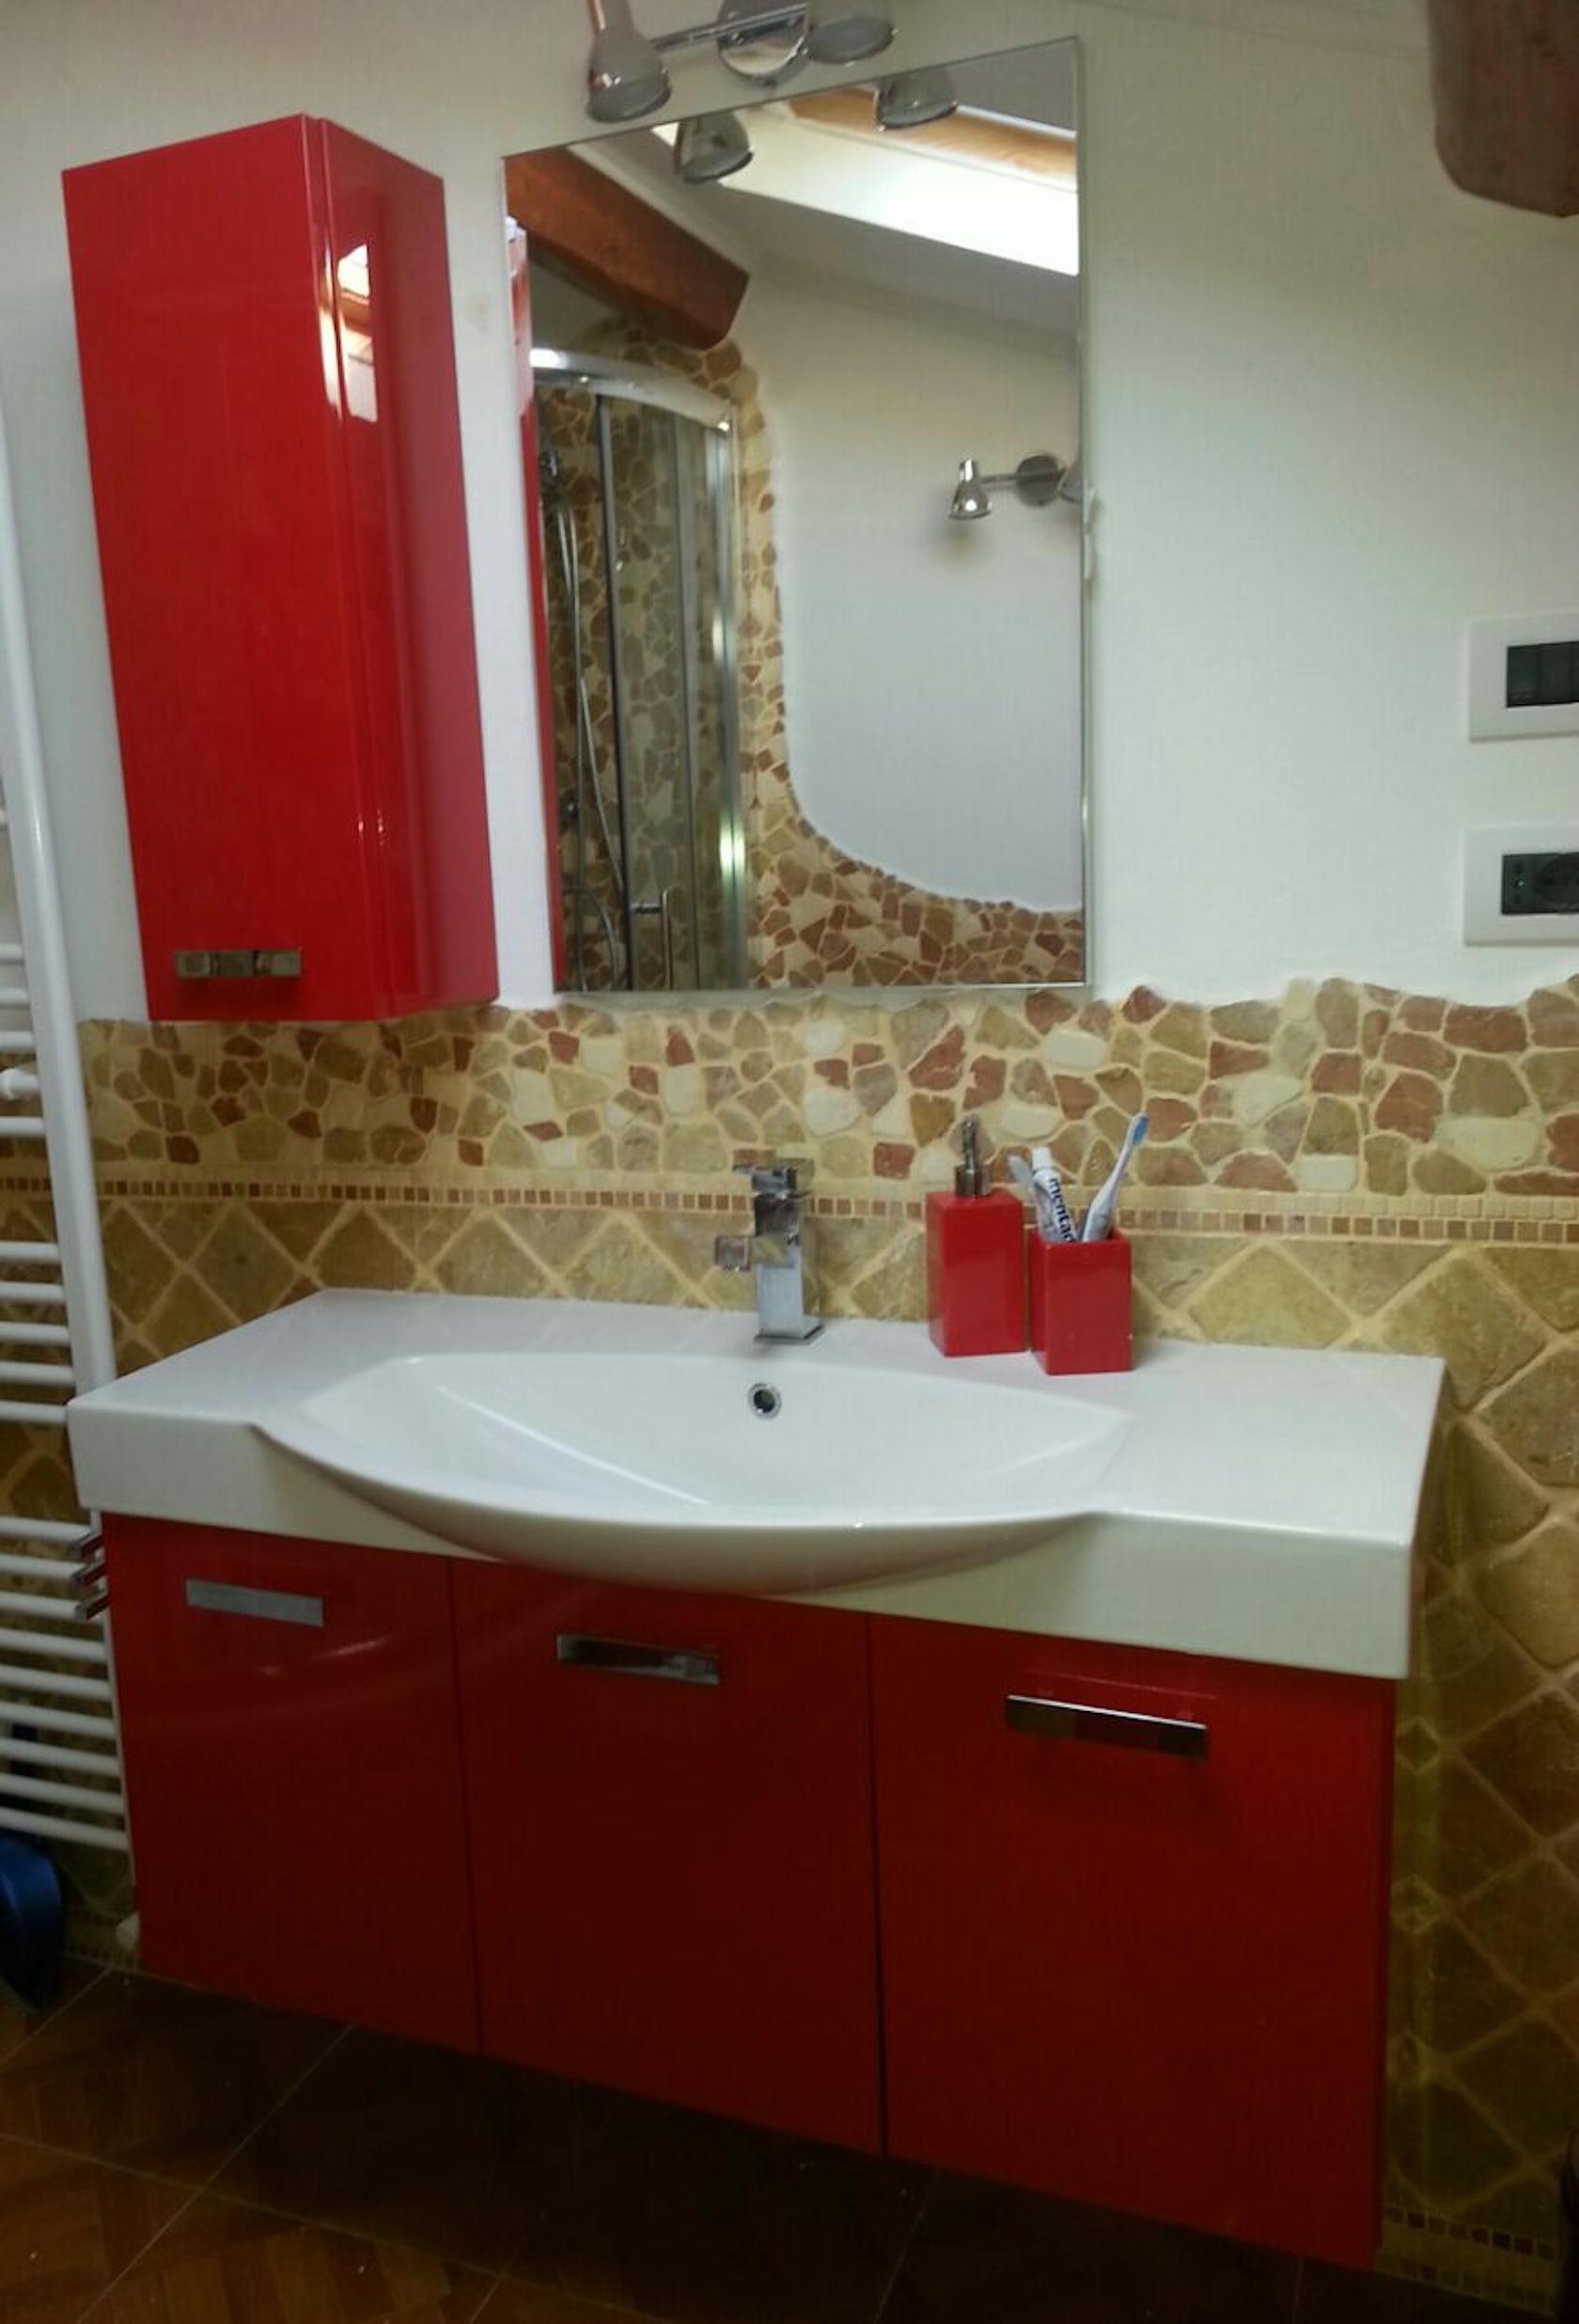 Bagno lavanderia rossa - Architizer